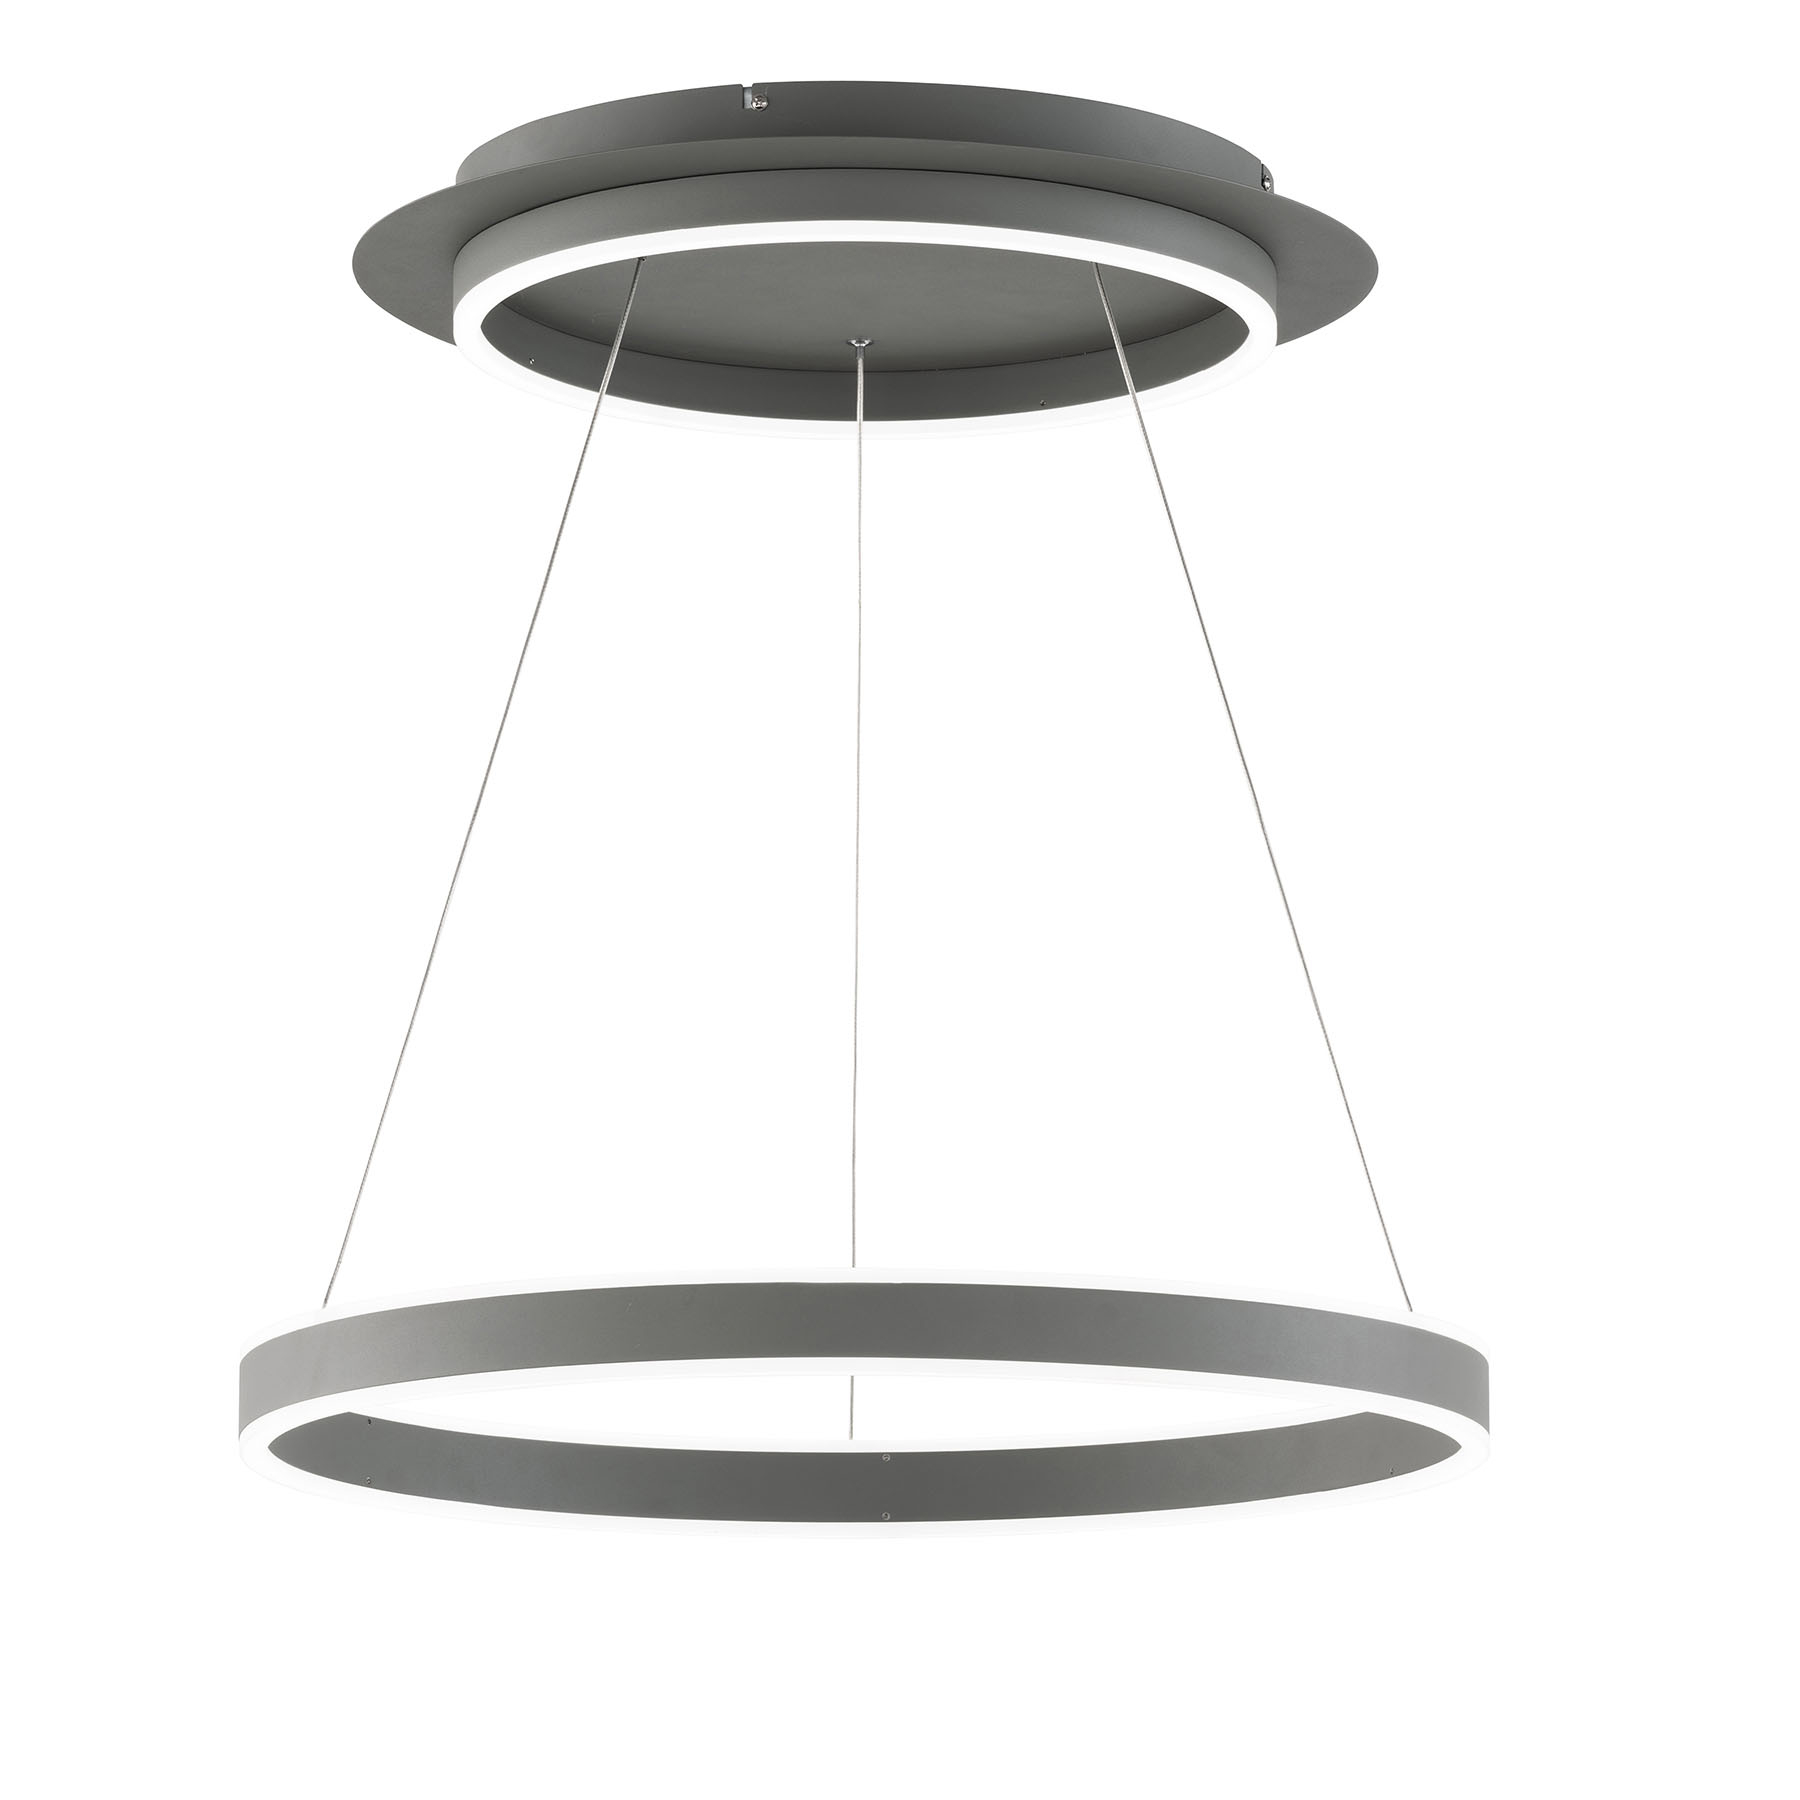 LED-riippuvalaisin Kemi, kaukosäädin, pyöreä